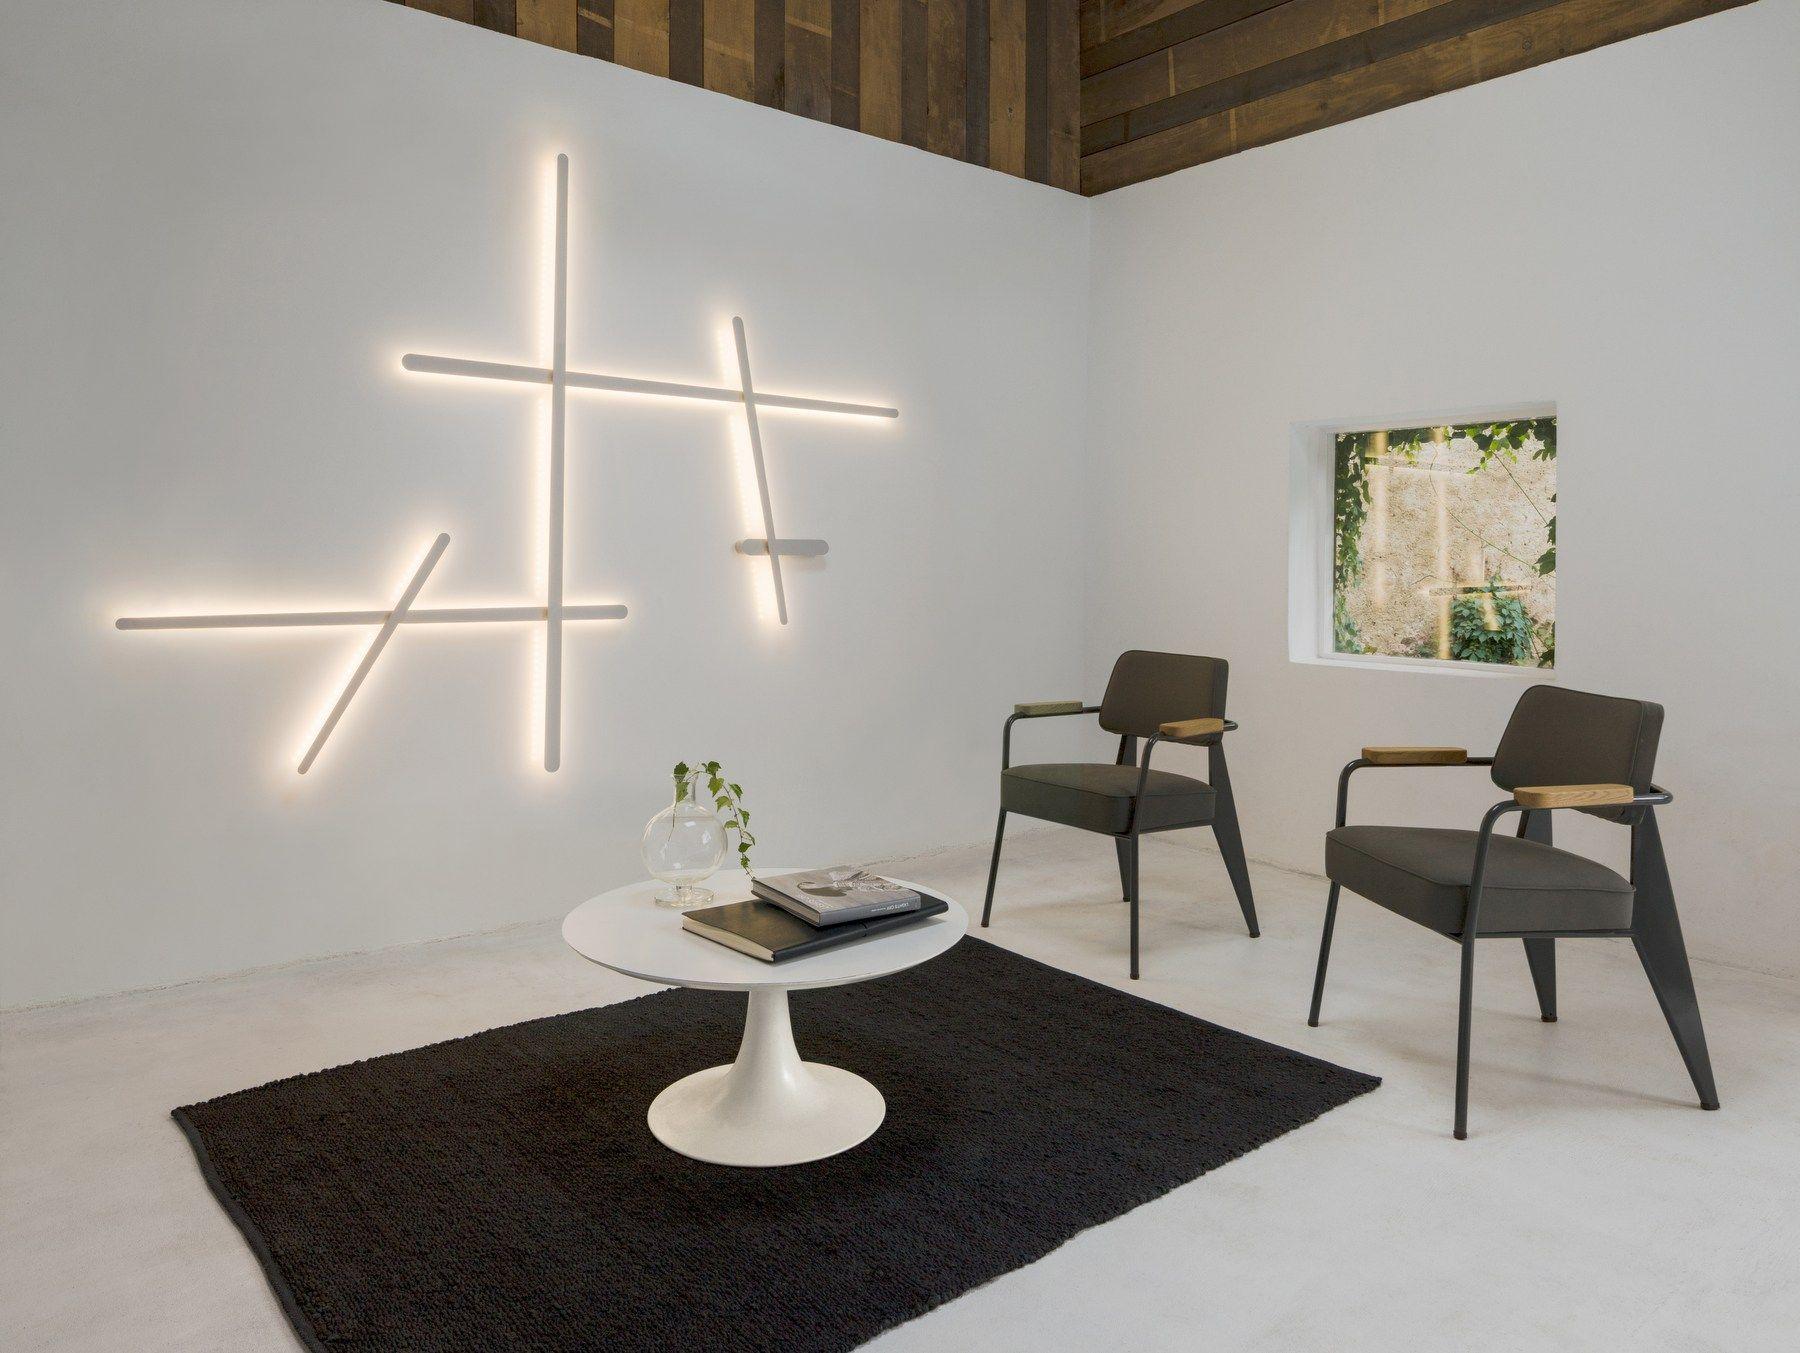 Lampada da parete in policarbonato SPARKS 1700 by Vibia design ...